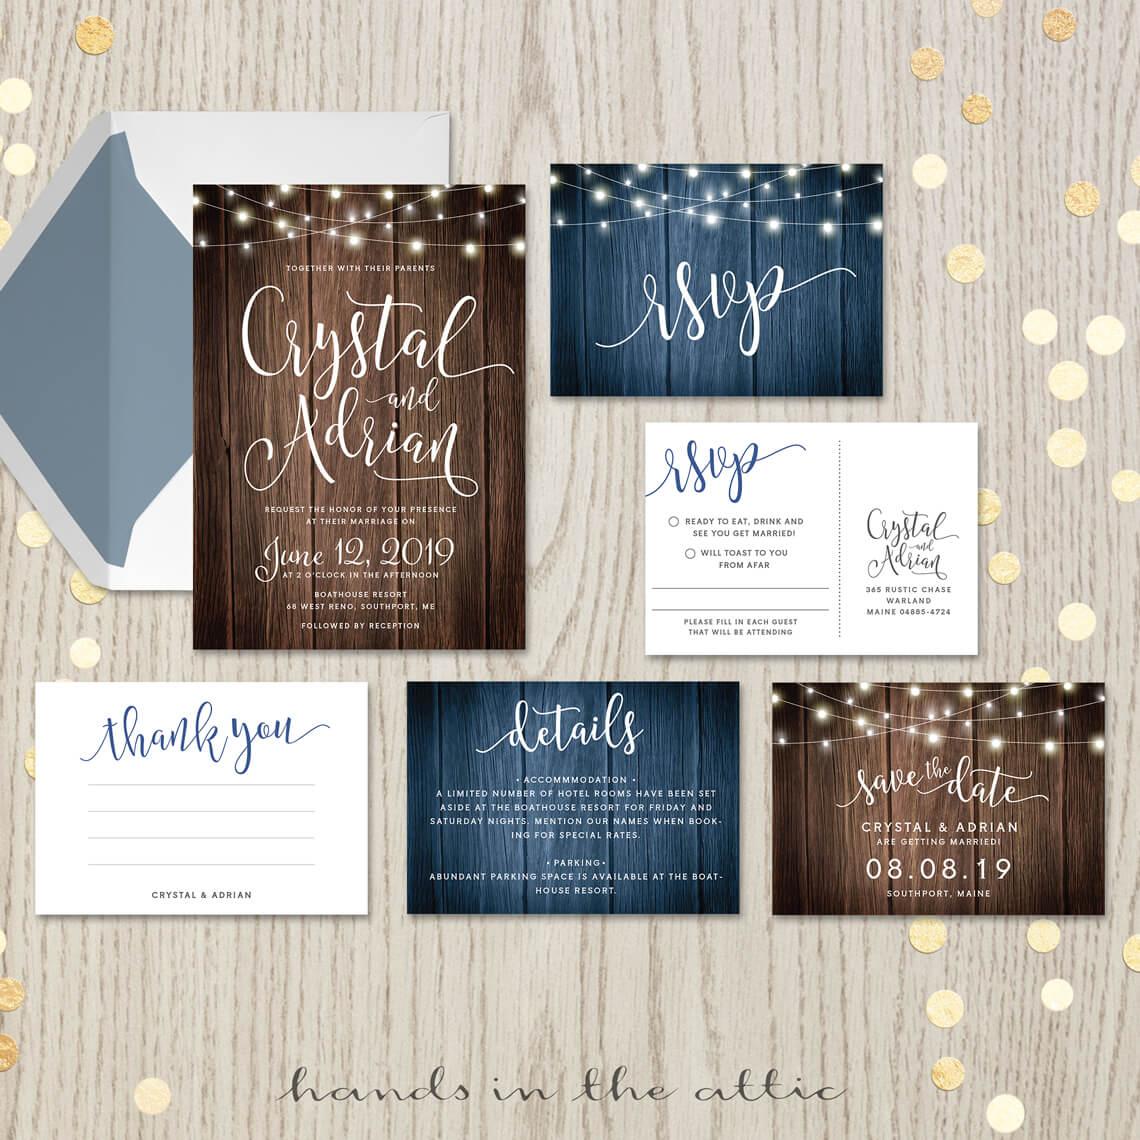 Printable Wedding Invitation Sets: Rustic Wedding Invitation Set